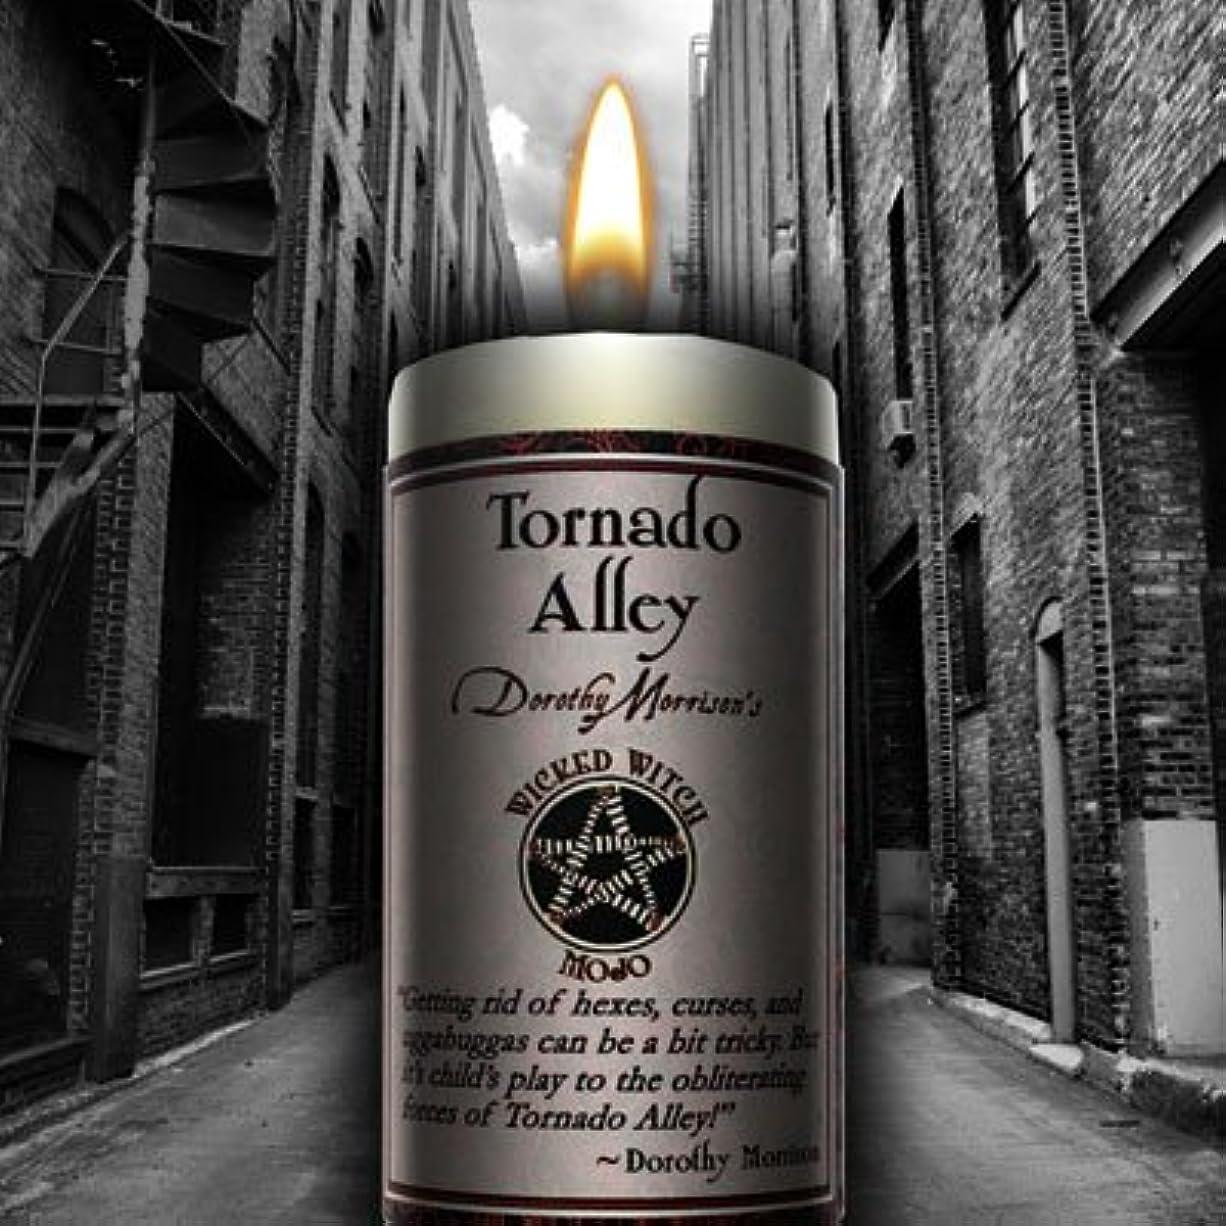 みなさん可聴光沢Wicked Witch Mojo Tornado Alley Candle by Dorothy Morrison